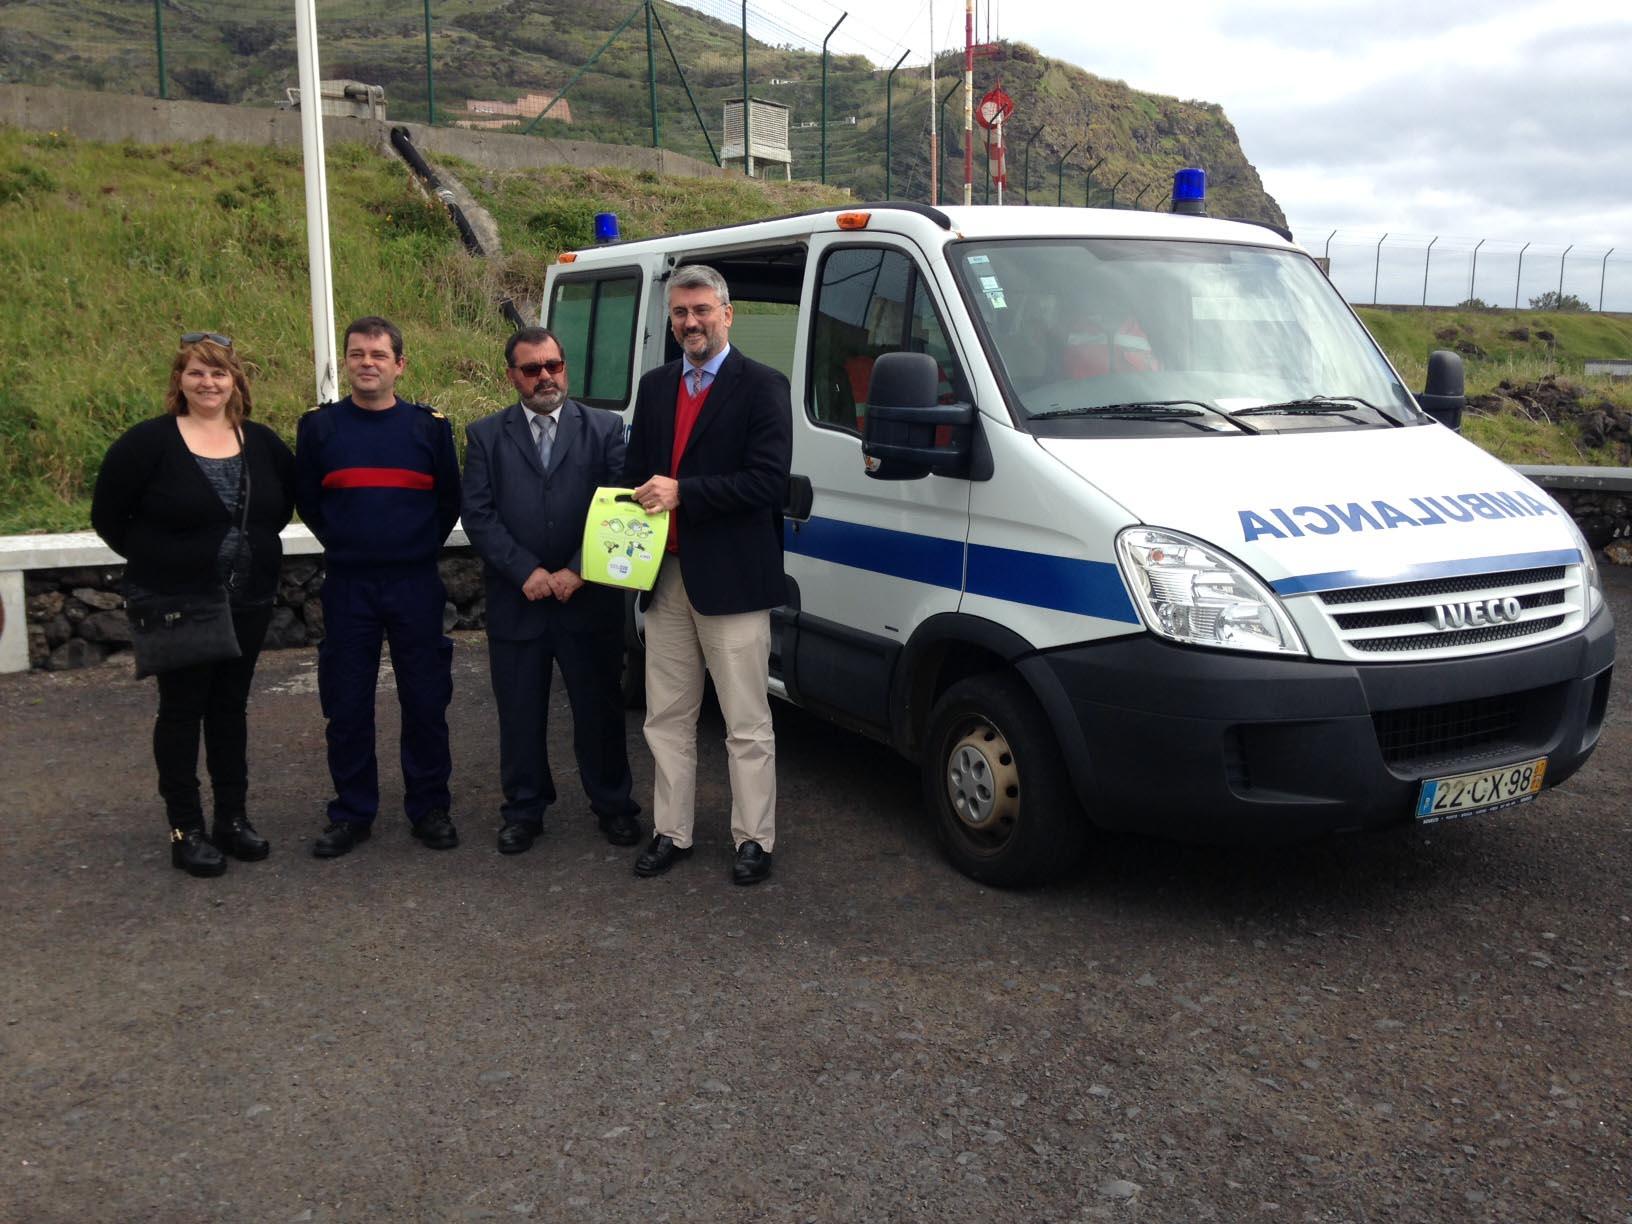 Governo dos Açores já investiu cerca de 100 mil euros na área de suporte de vida com desfibrilhador automático externo